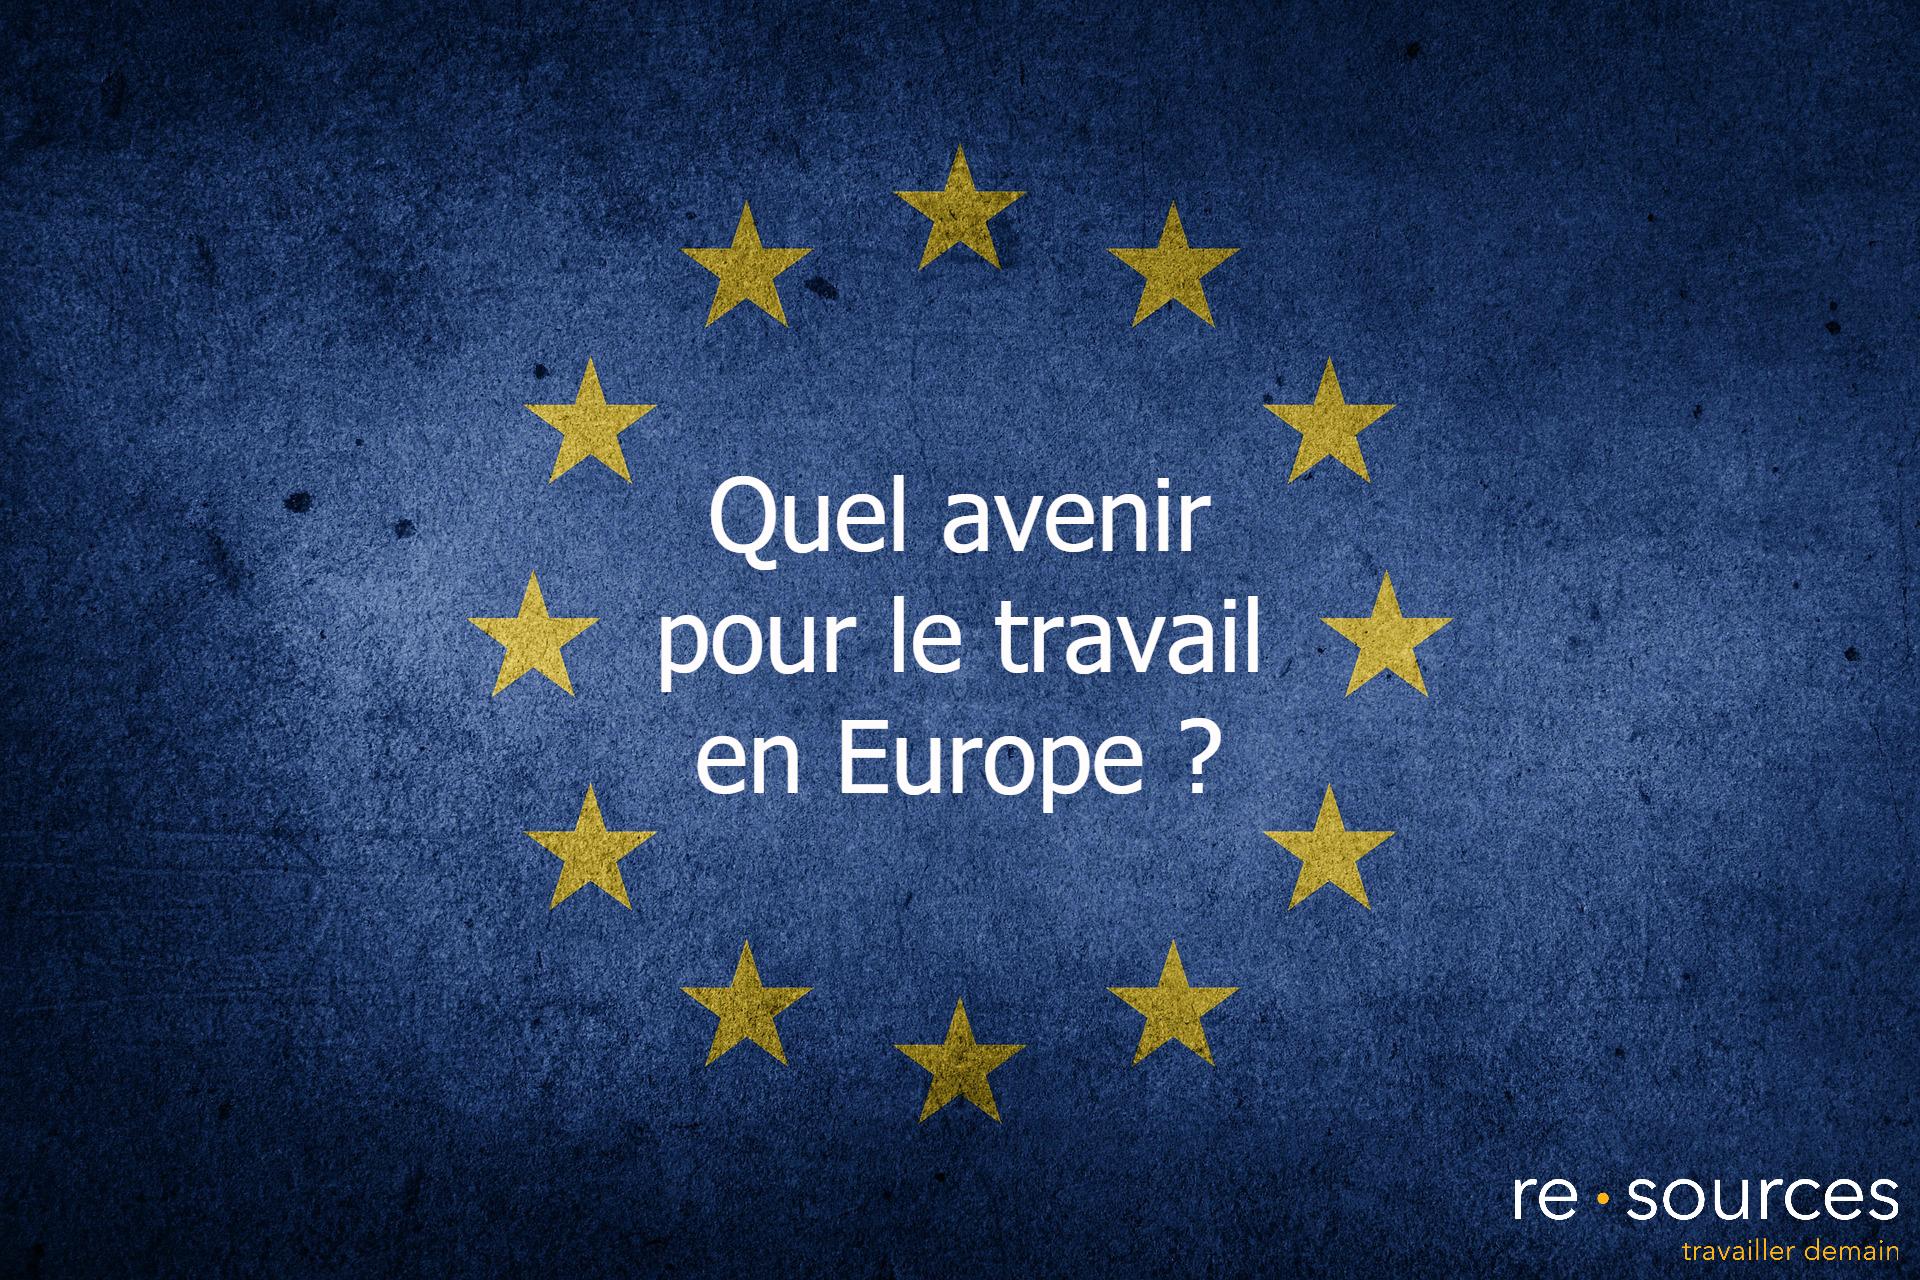 Rzo_Sociaux_ArticleElection